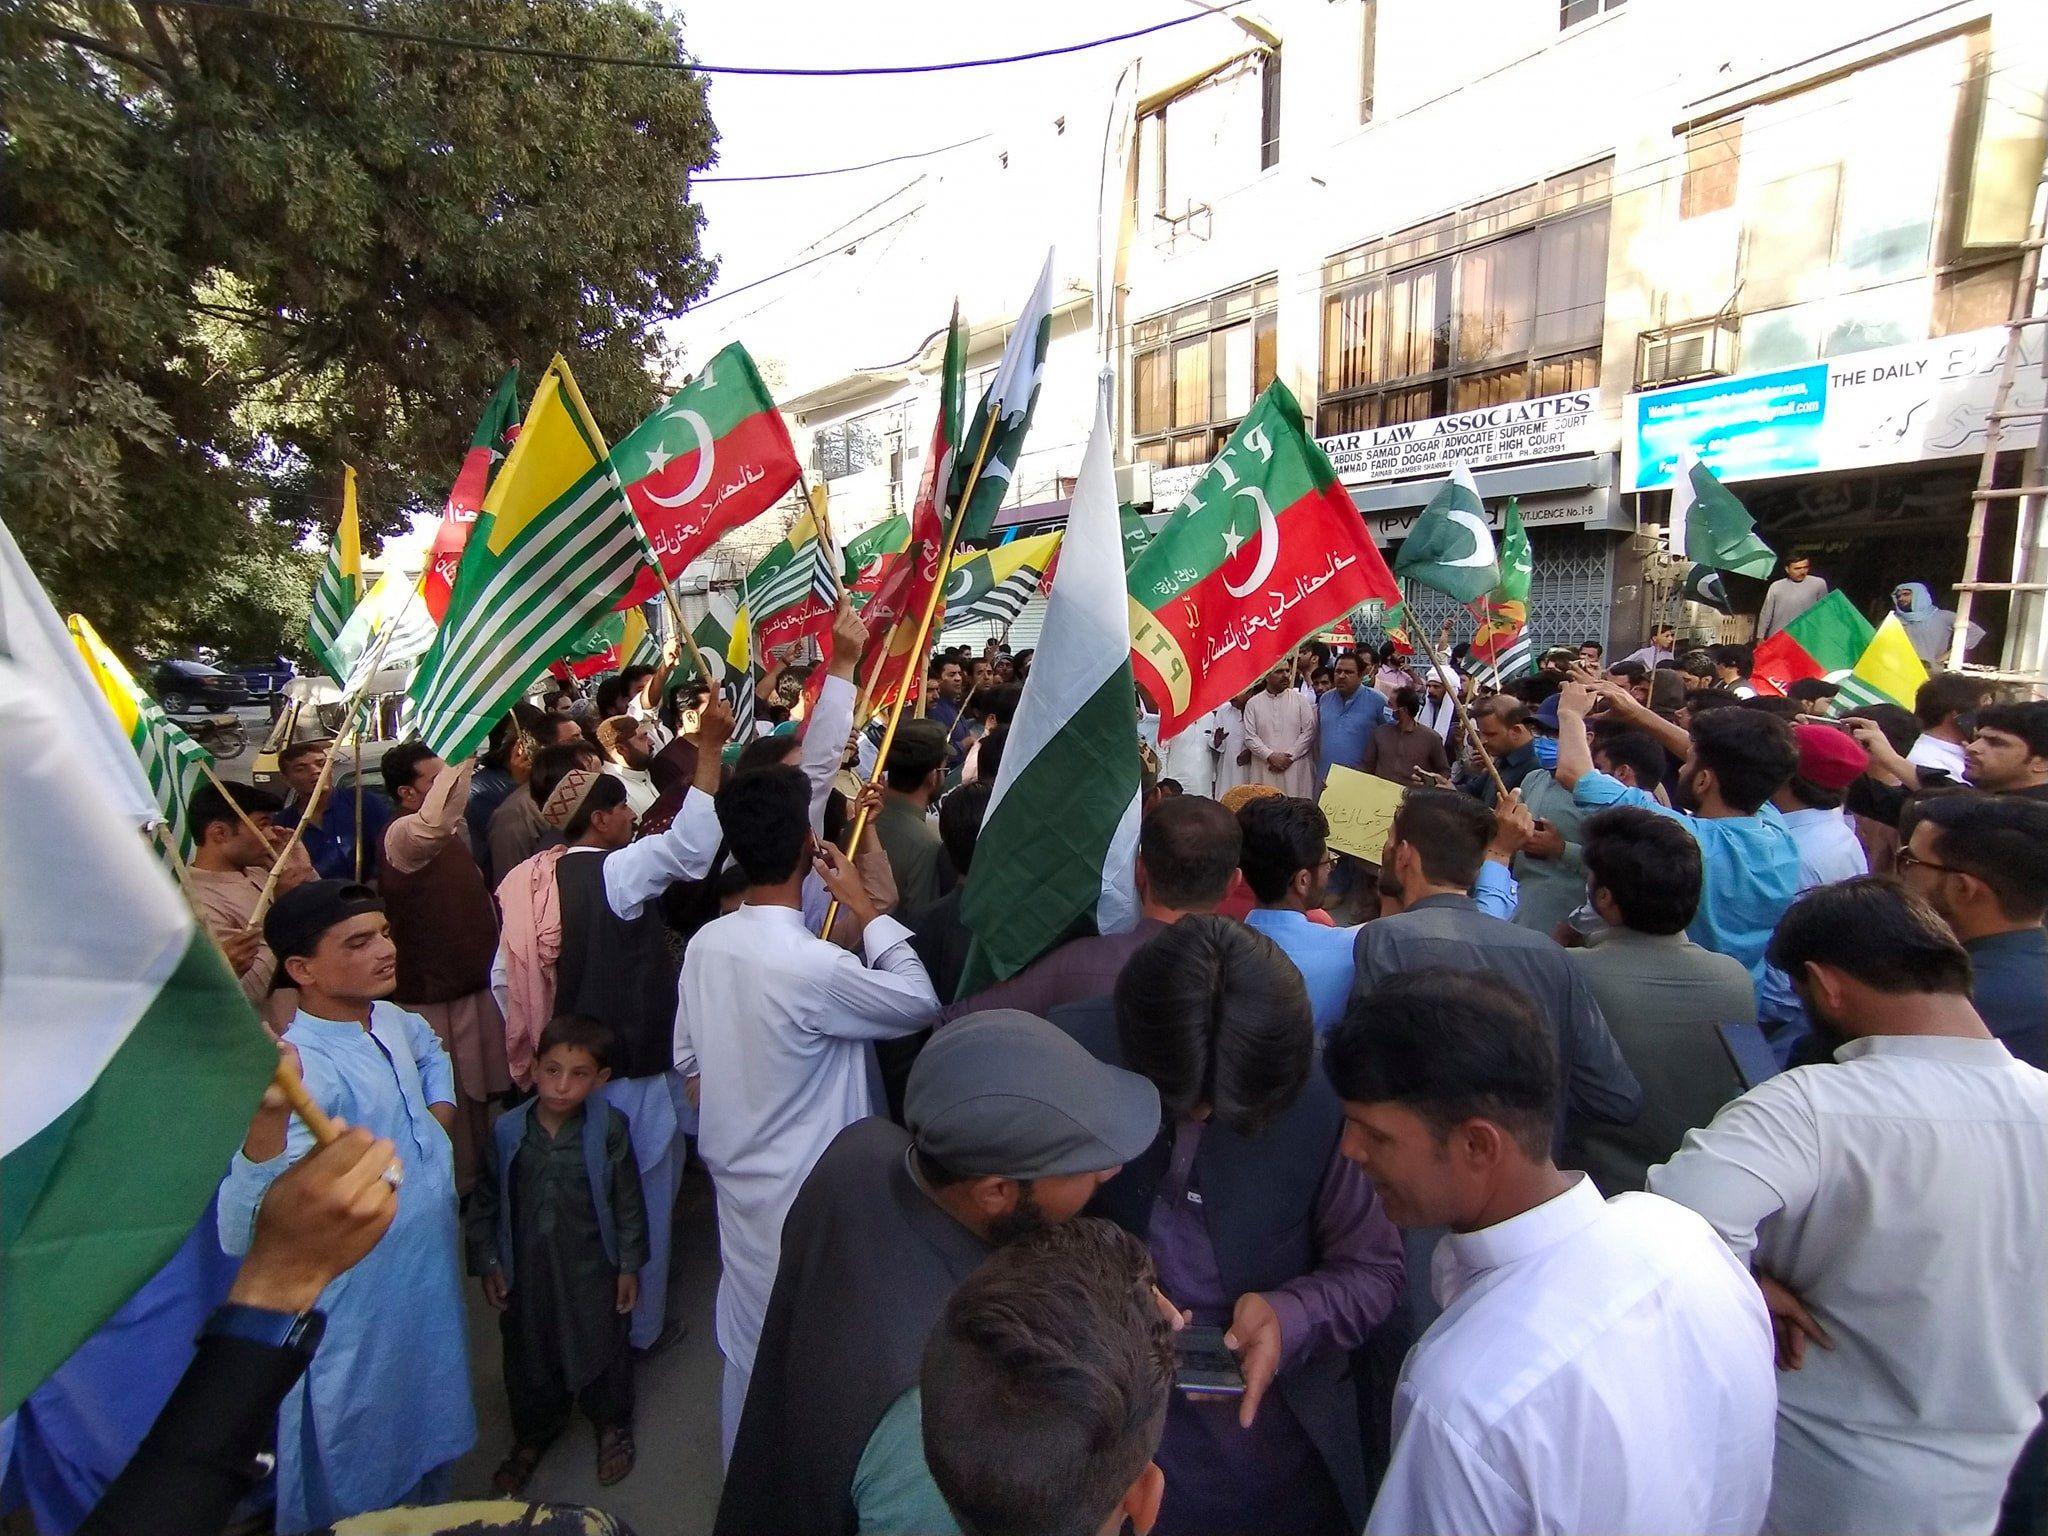 پریس ریلیز 5 اگست 2020 کوئٹہ وزیر اعظم پاکستان عمران خان کی ہدایت پر پاکستان تحریک انصاف بلوچستان کے مرکزی ڈپٹی جنرل سیکرٹری سردار خاد Street View Scenes Fun